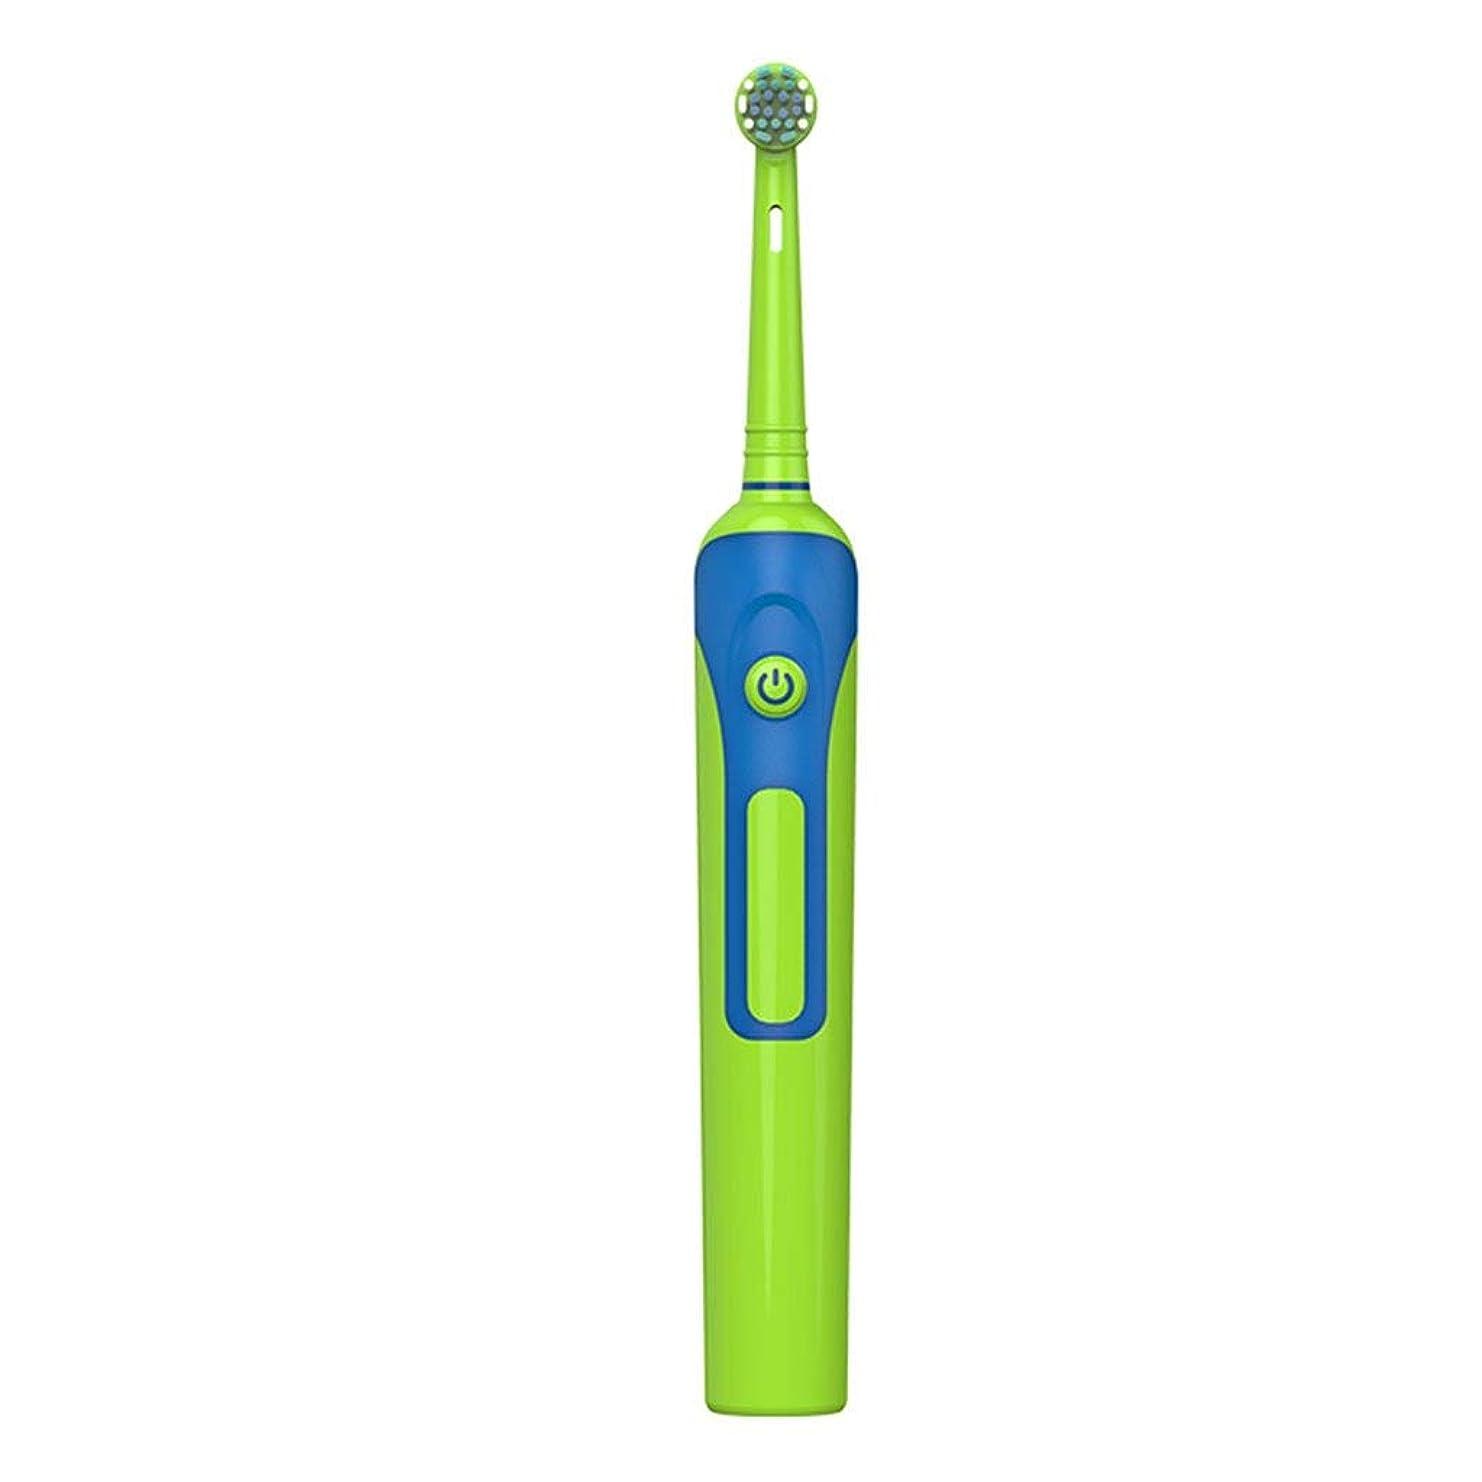 ブリリアント判定悪党子供用電動歯ブラシ充電式自動回転歯ブラシやわらかい防水歯ブラシ(カラー:ブルー)